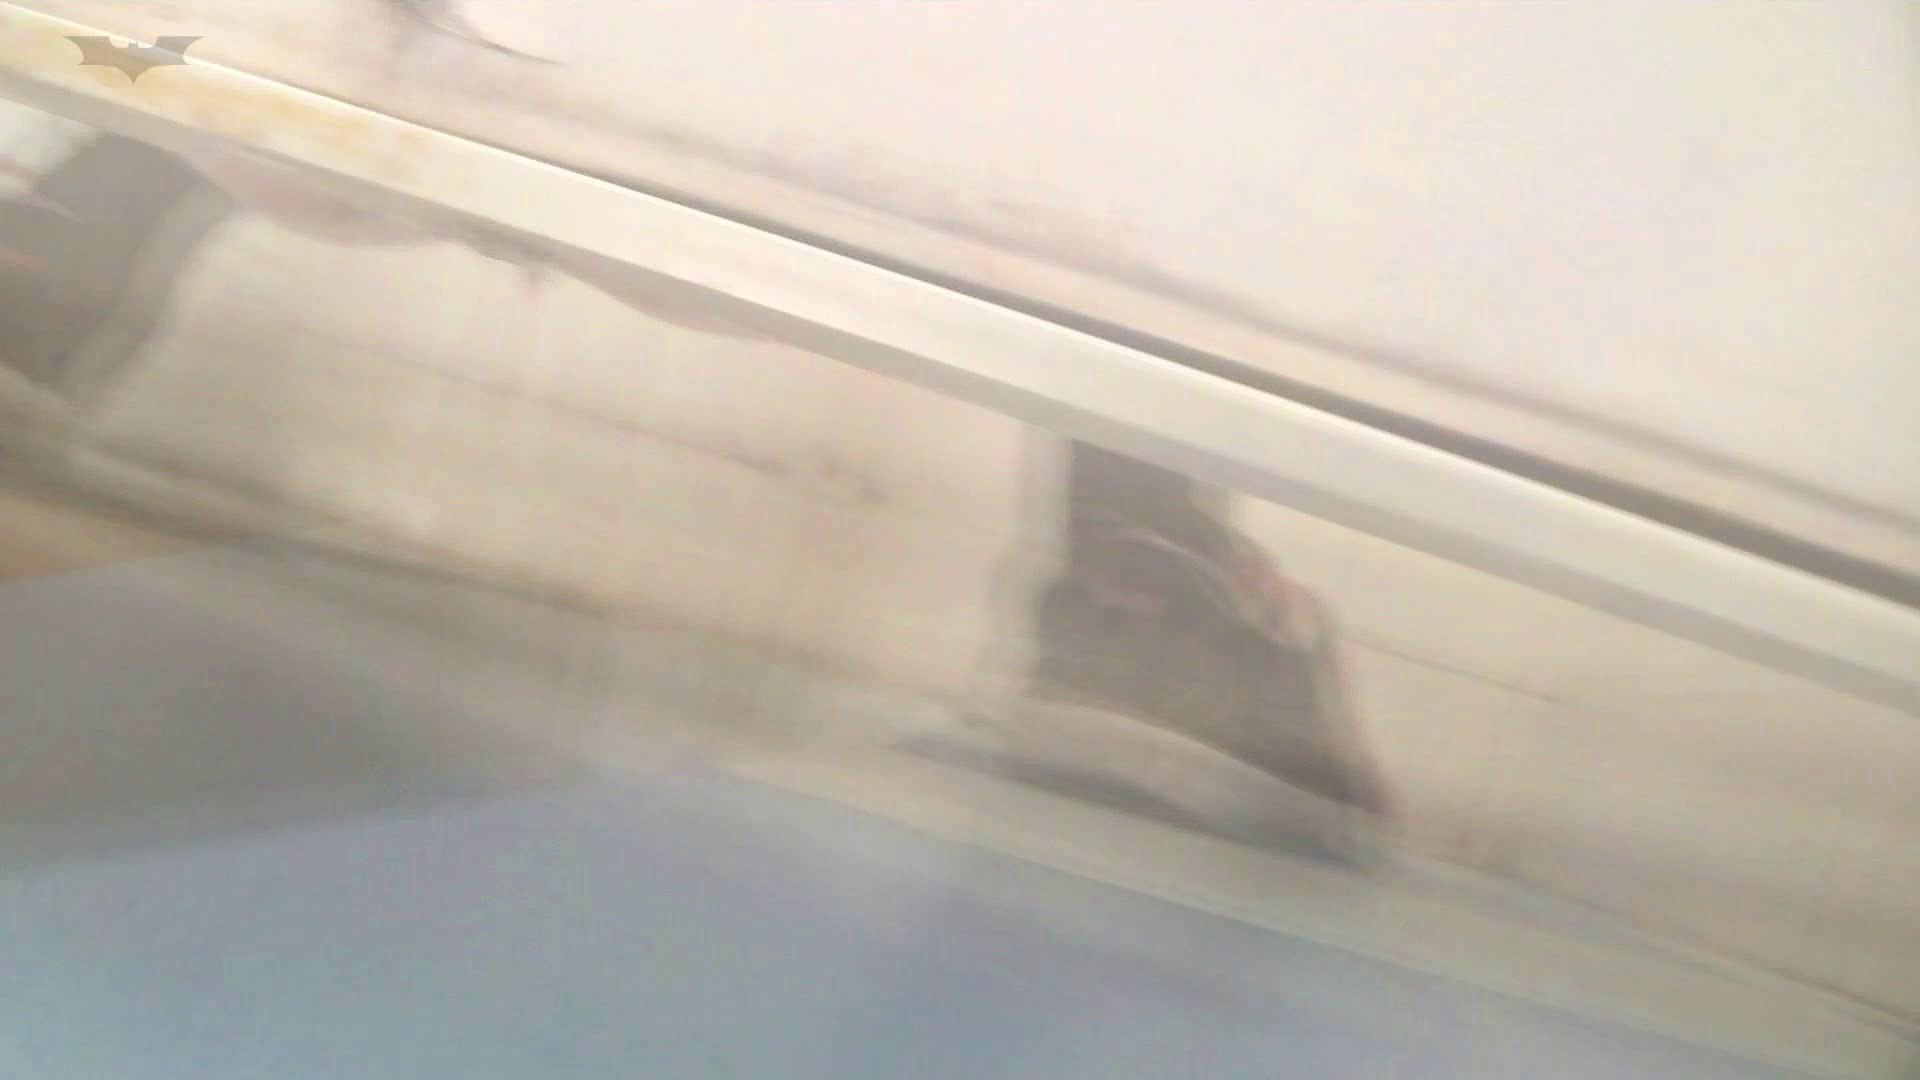 なんだこれVol.11無料動画に登場したモデル本番へ!「下り」特集 テクニック  105pic 72